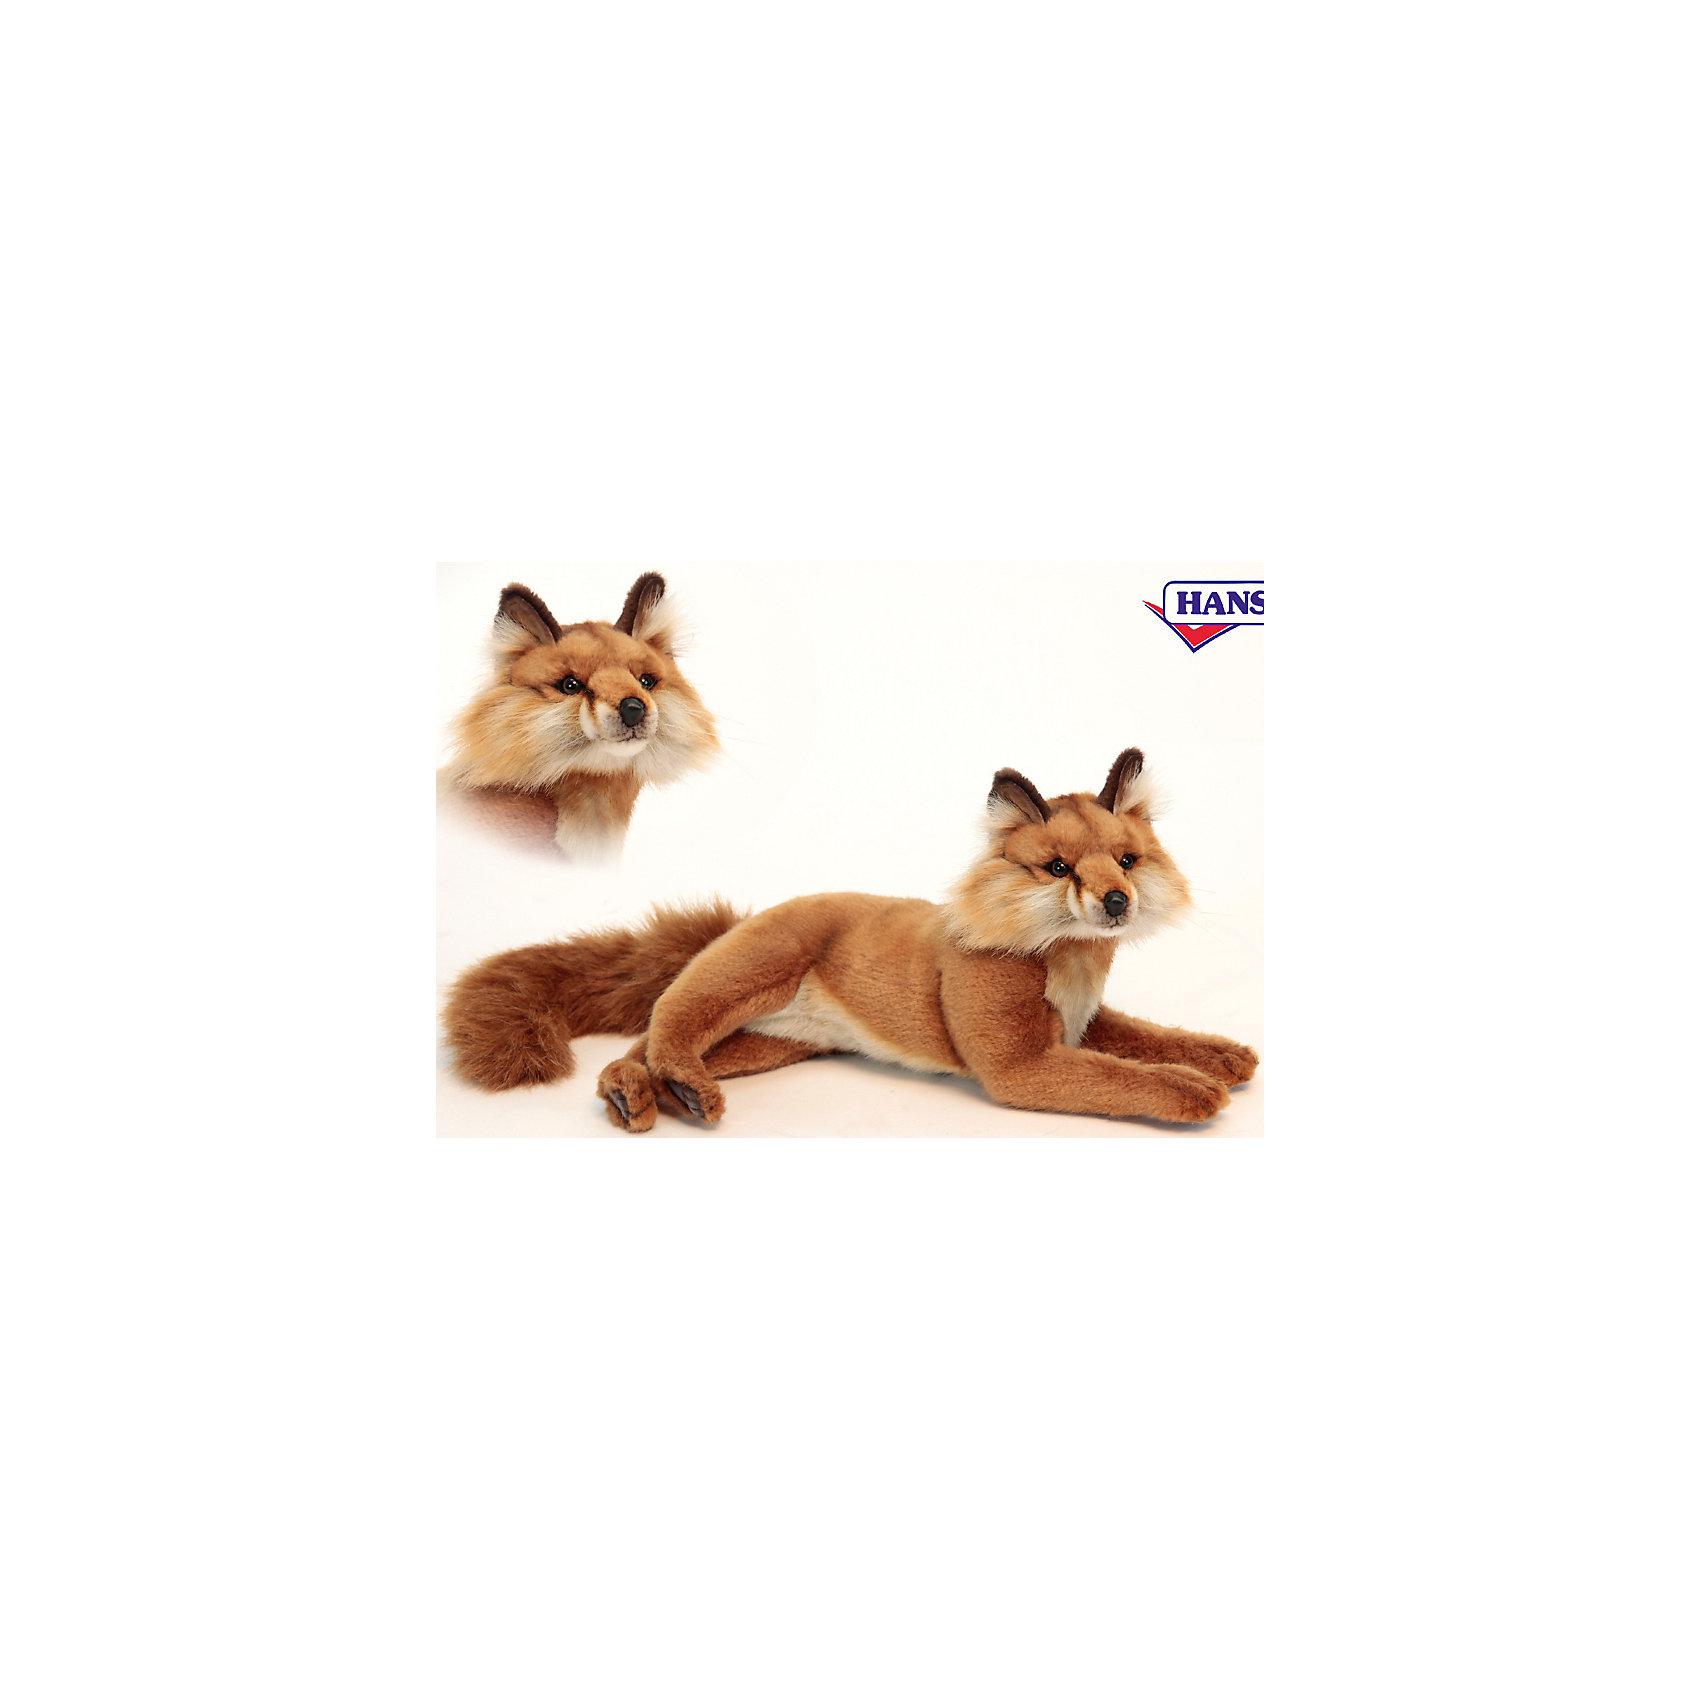 Рыжая лиса, 40 смМягкие игрушки животные<br>Рыжая лиса, 40 см – игрушка от знаменитого бренда Hansa, специализирующегося на выпуске мягких игрушек с высокой степенью натуралистичности. Внешний игрушки полностью соответствует реальному прототипу – лисице обыкновенной. Игрушка выполнена из ярко-коричневого меха с ворсом разной длины, который обладает гипоаллергенными свойствами. У игрушечной лисы пушистая мордочка и хвост. Внутри имеется металлический каркас, который позволяет изменять положение. Игрушка относится к серии Дикие животные. <br>Мягкие игрушки от Hansa подходят для сюжетно-ролевых игр или для обучающих игр. Кроме того, их можно использовать в качестве интерьерных игрушек. Игрушки от Hansa будут радовать вашего ребенка долгое время, так как ручная работа и качественные материалы гарантируют их долговечность и прочность.<br><br>Дополнительная информация:<br><br>- Вид игр: сюжетно-ролевые игры, коллекционирование, интерьерные игрушки<br>- Предназначение: для дома, для детских развивающих центров, для детских садов<br>- Материал: искусственный мех, наполнитель ? полиэфирное волокно<br>- Размер (ДхШхВ): 40*20*14 см<br>- Вес: 620 г<br>- Особенности ухода: сухая чистка при помощи пылесоса или щетки для одежды<br><br>Подробнее:<br><br>• Для детей в возрасте: от 3 лет <br>• Страна производитель: Филиппины<br>• Торговый бренд: Hansa<br><br>Рыжую лису, 40 см можно купить в нашем интернет-магазине.<br><br>Ширина мм: 40<br>Глубина мм: 20<br>Высота мм: 14<br>Вес г: 620<br>Возраст от месяцев: 36<br>Возраст до месяцев: 2147483647<br>Пол: Унисекс<br>Возраст: Детский<br>SKU: 4927217